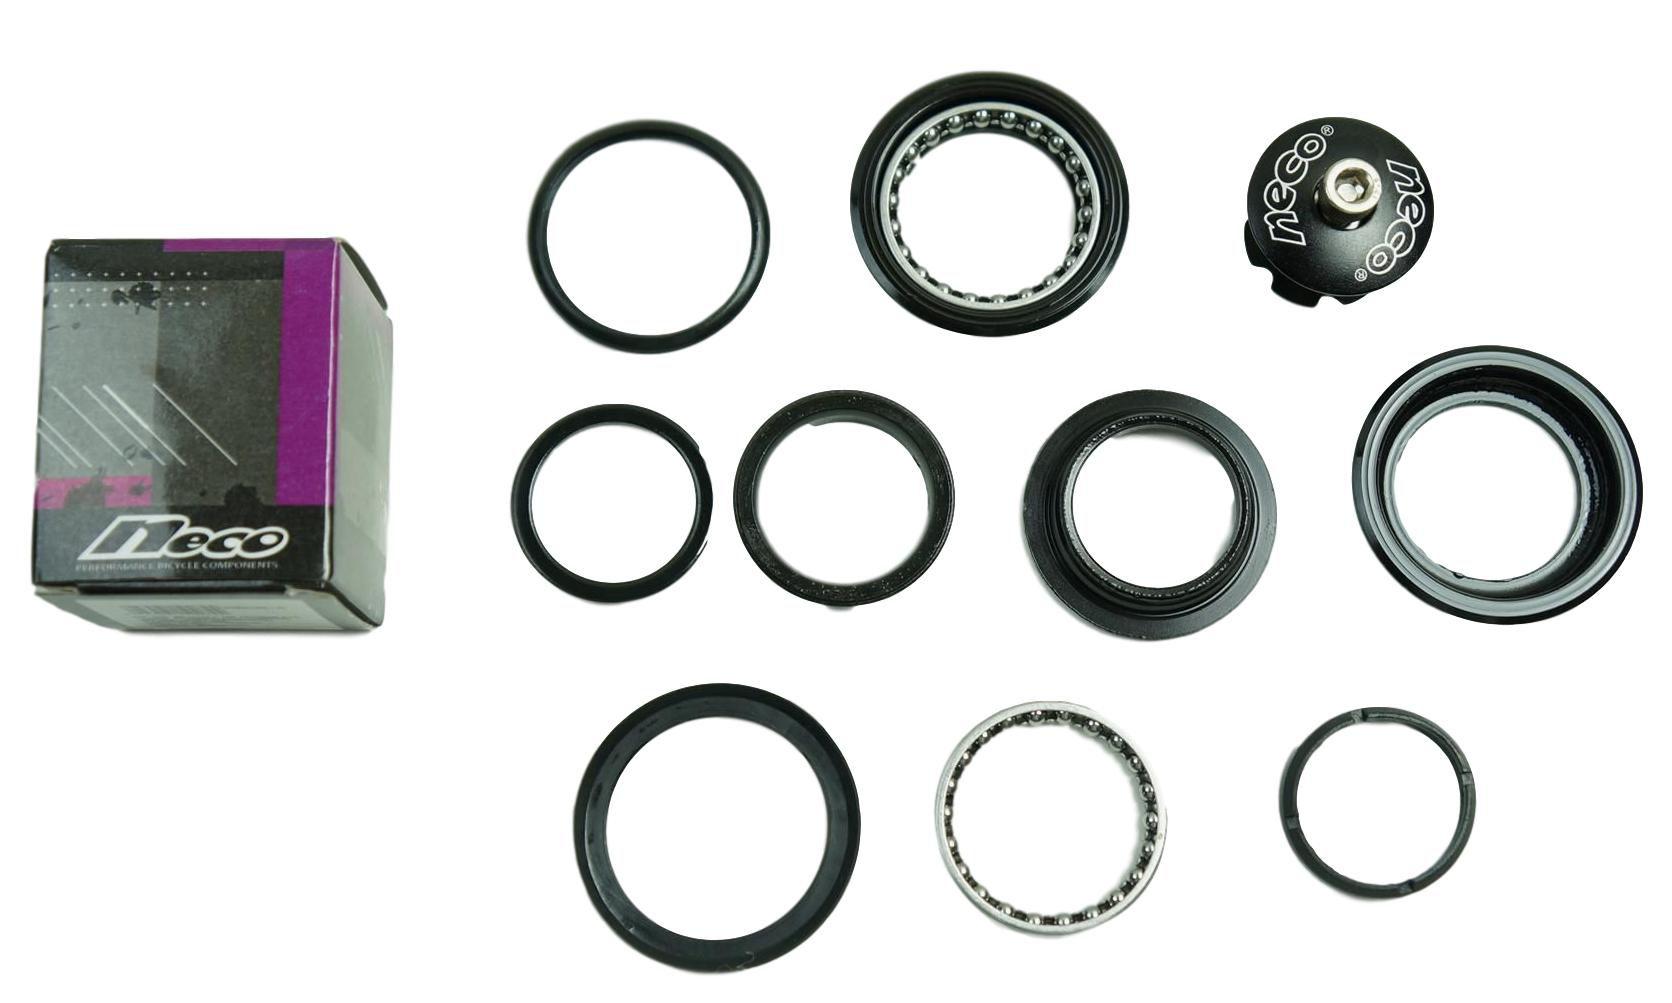 Caixa de Direção Neco Megaover com Esferas Semi Integrada 44mm ZS H115